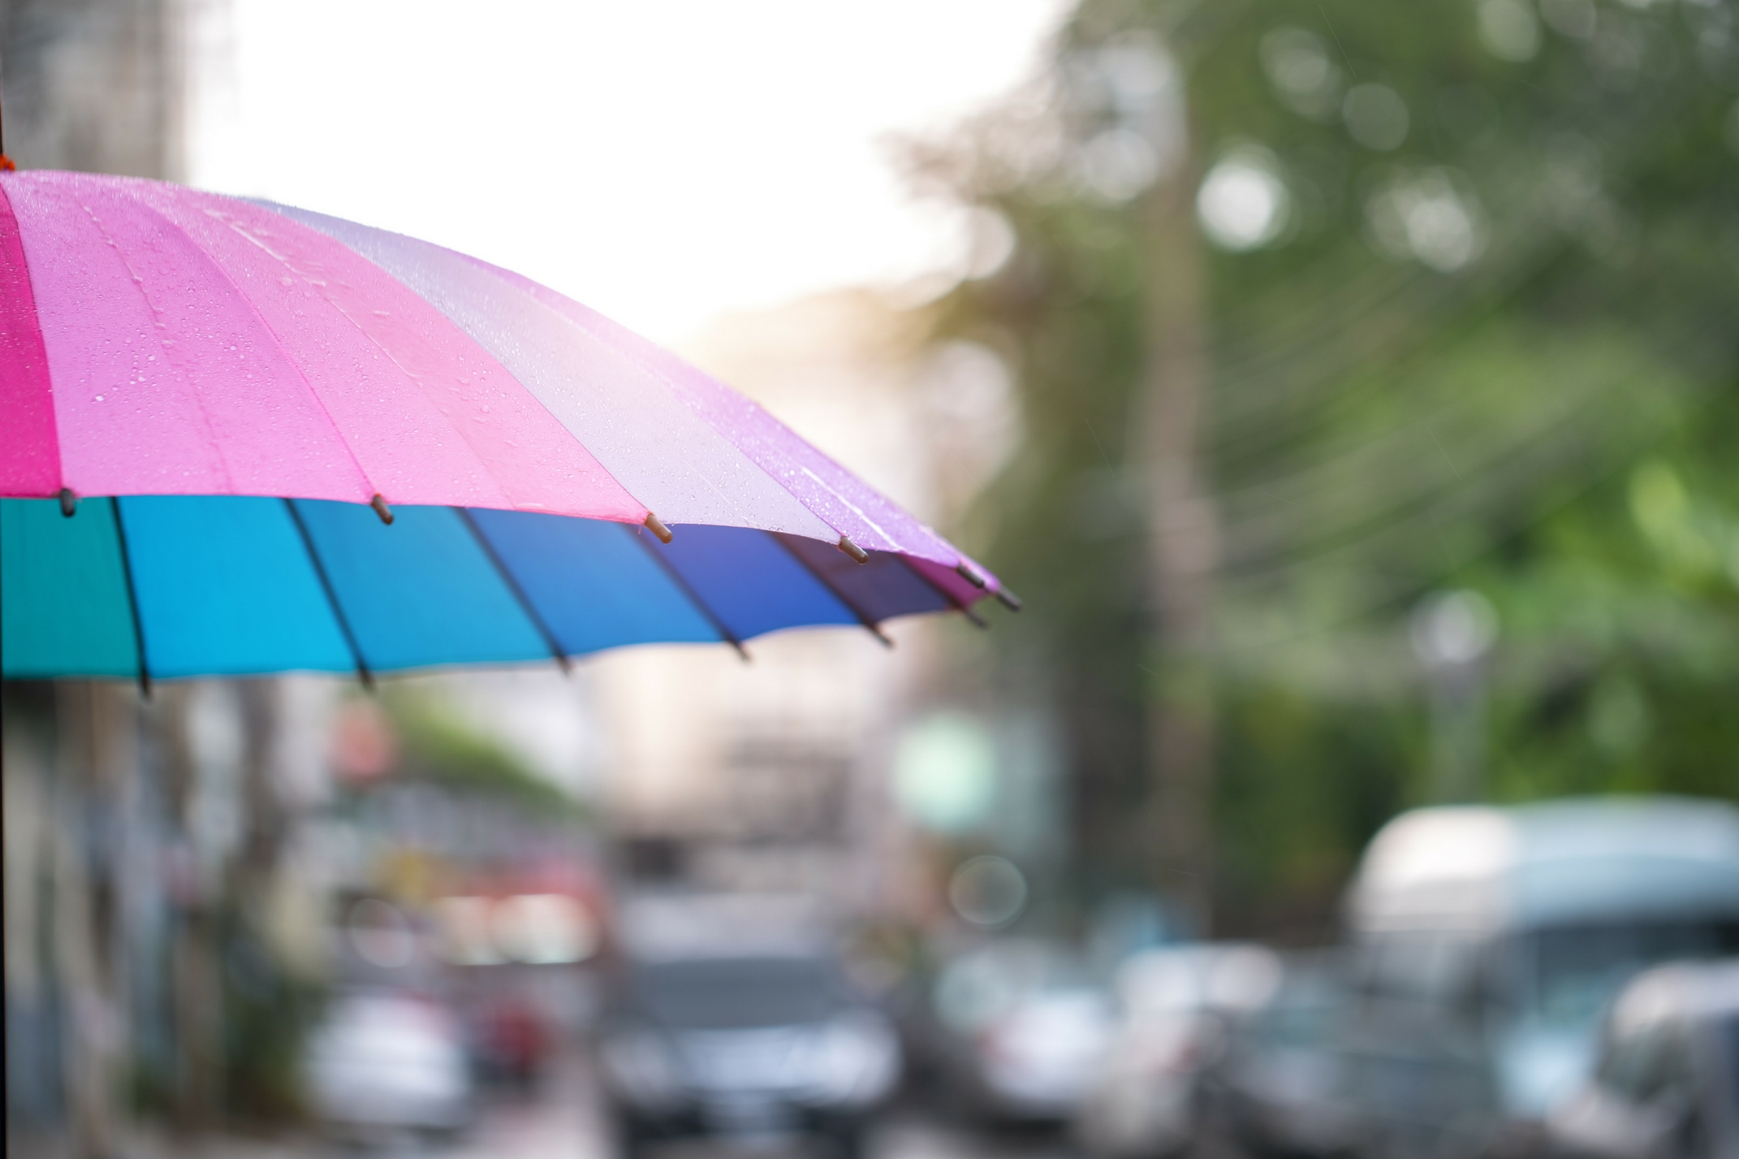 Szybkie ubieranie wymaga sprawdzenia prognozy pogody